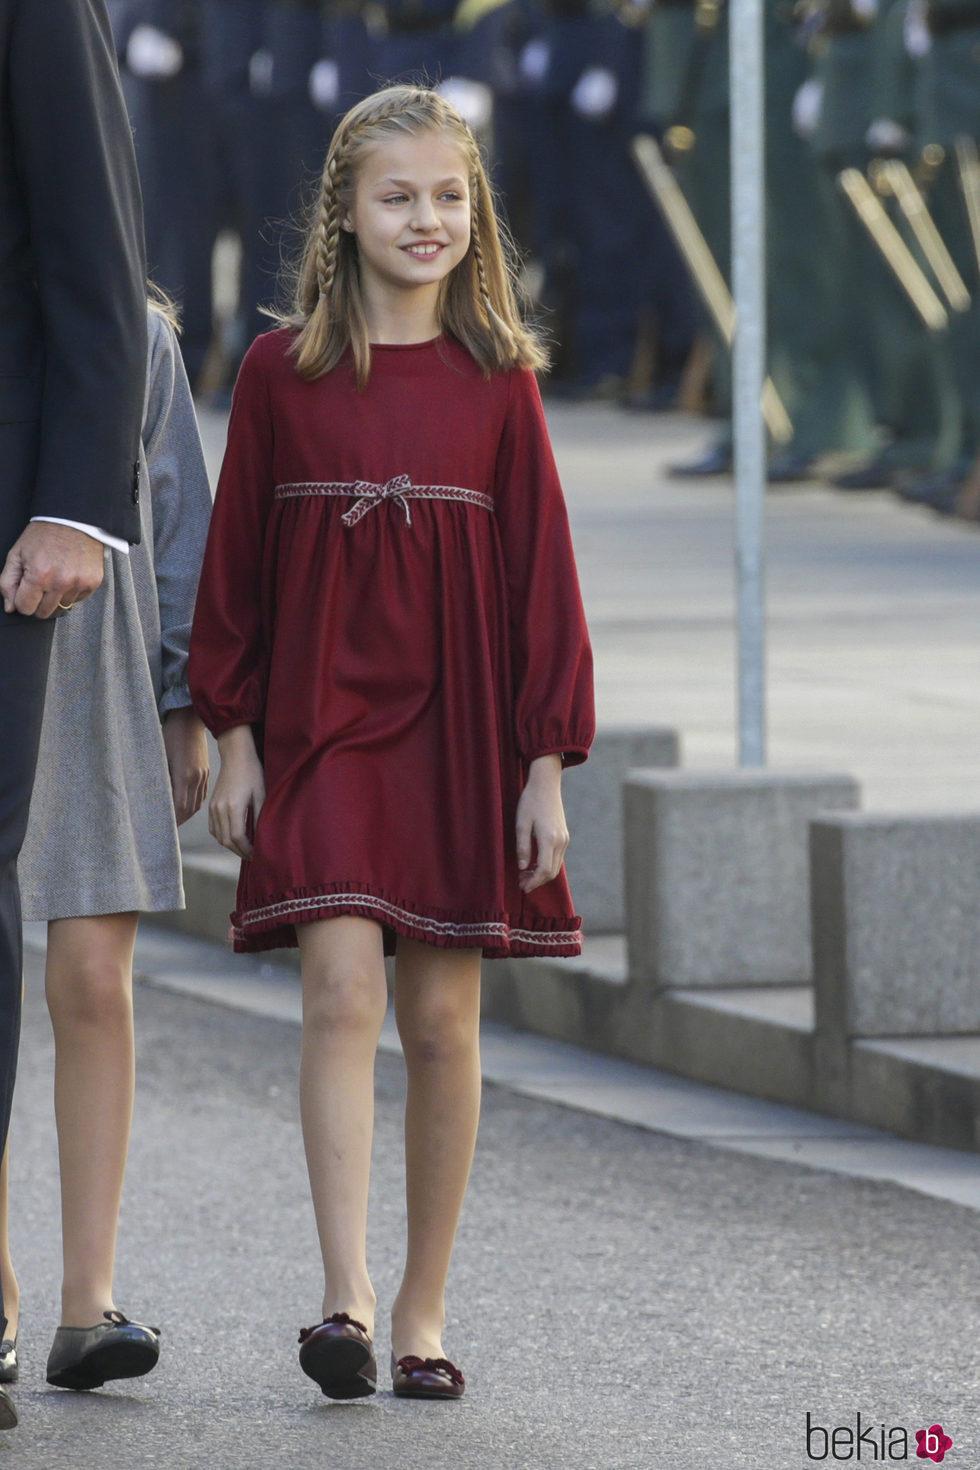 La Princesa Leonor en la Apertura de la XII Legislatura